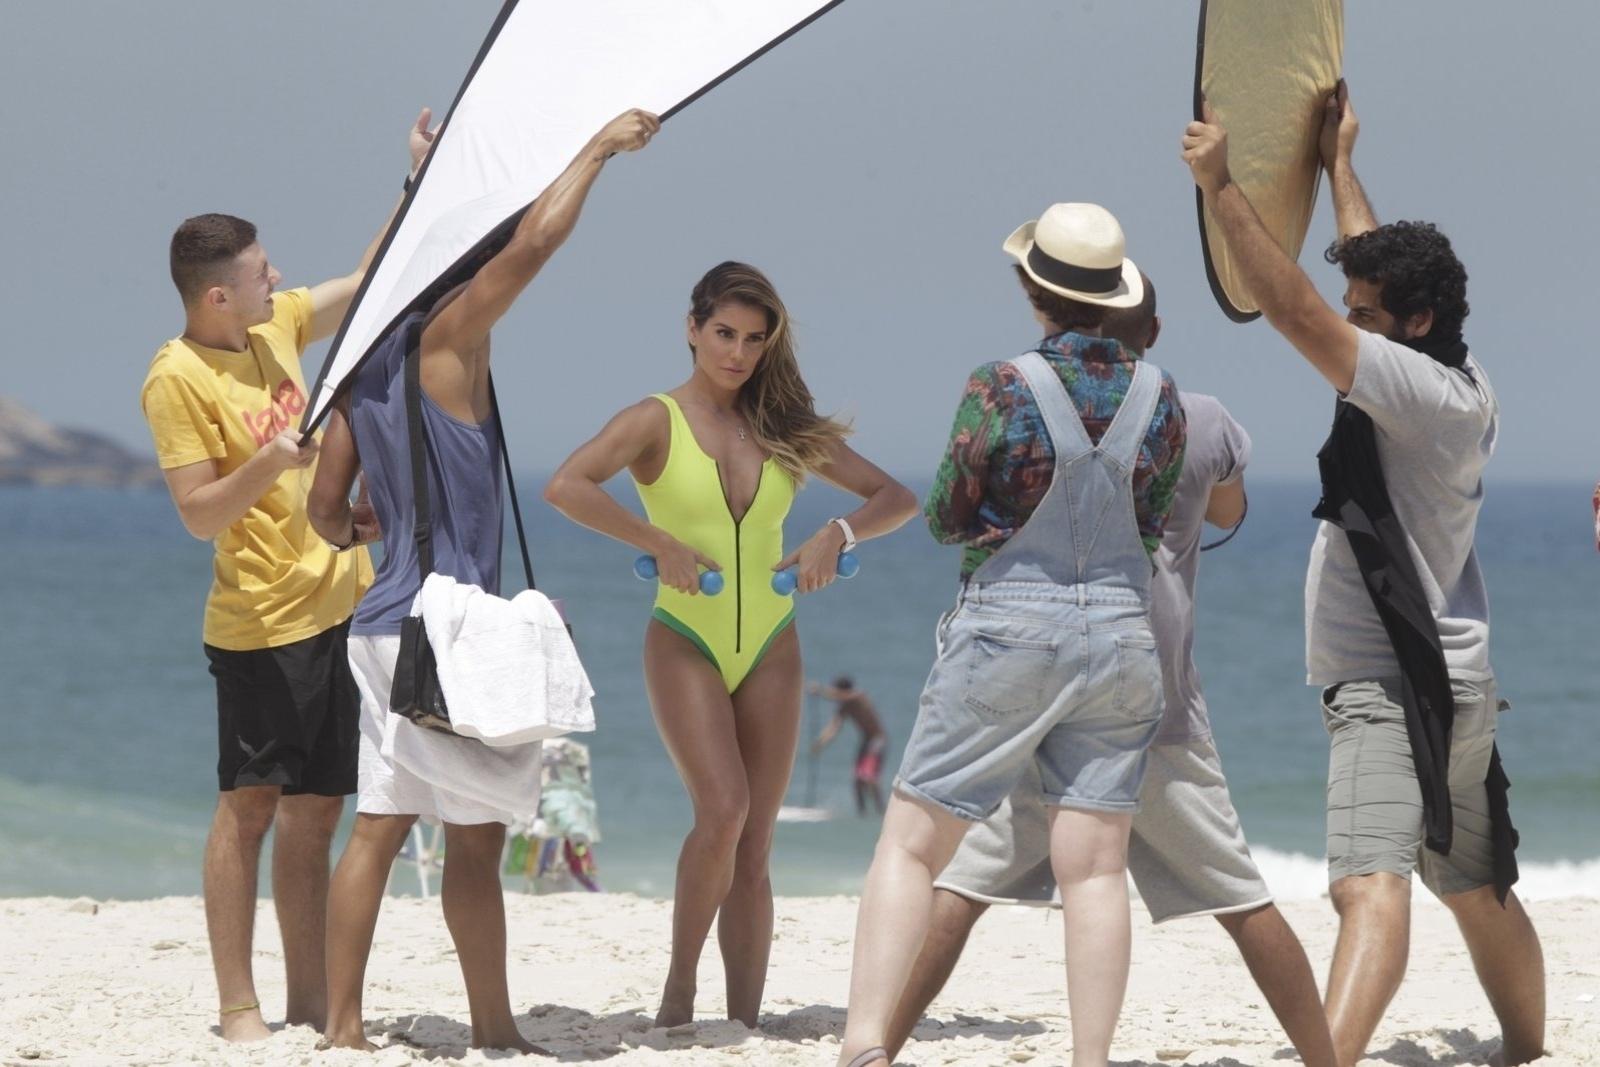 10.out.2014 - Em boa forma, Deborah Secco posa com pesos em praia da Barra da Tijuca, no Rio de Janeiro